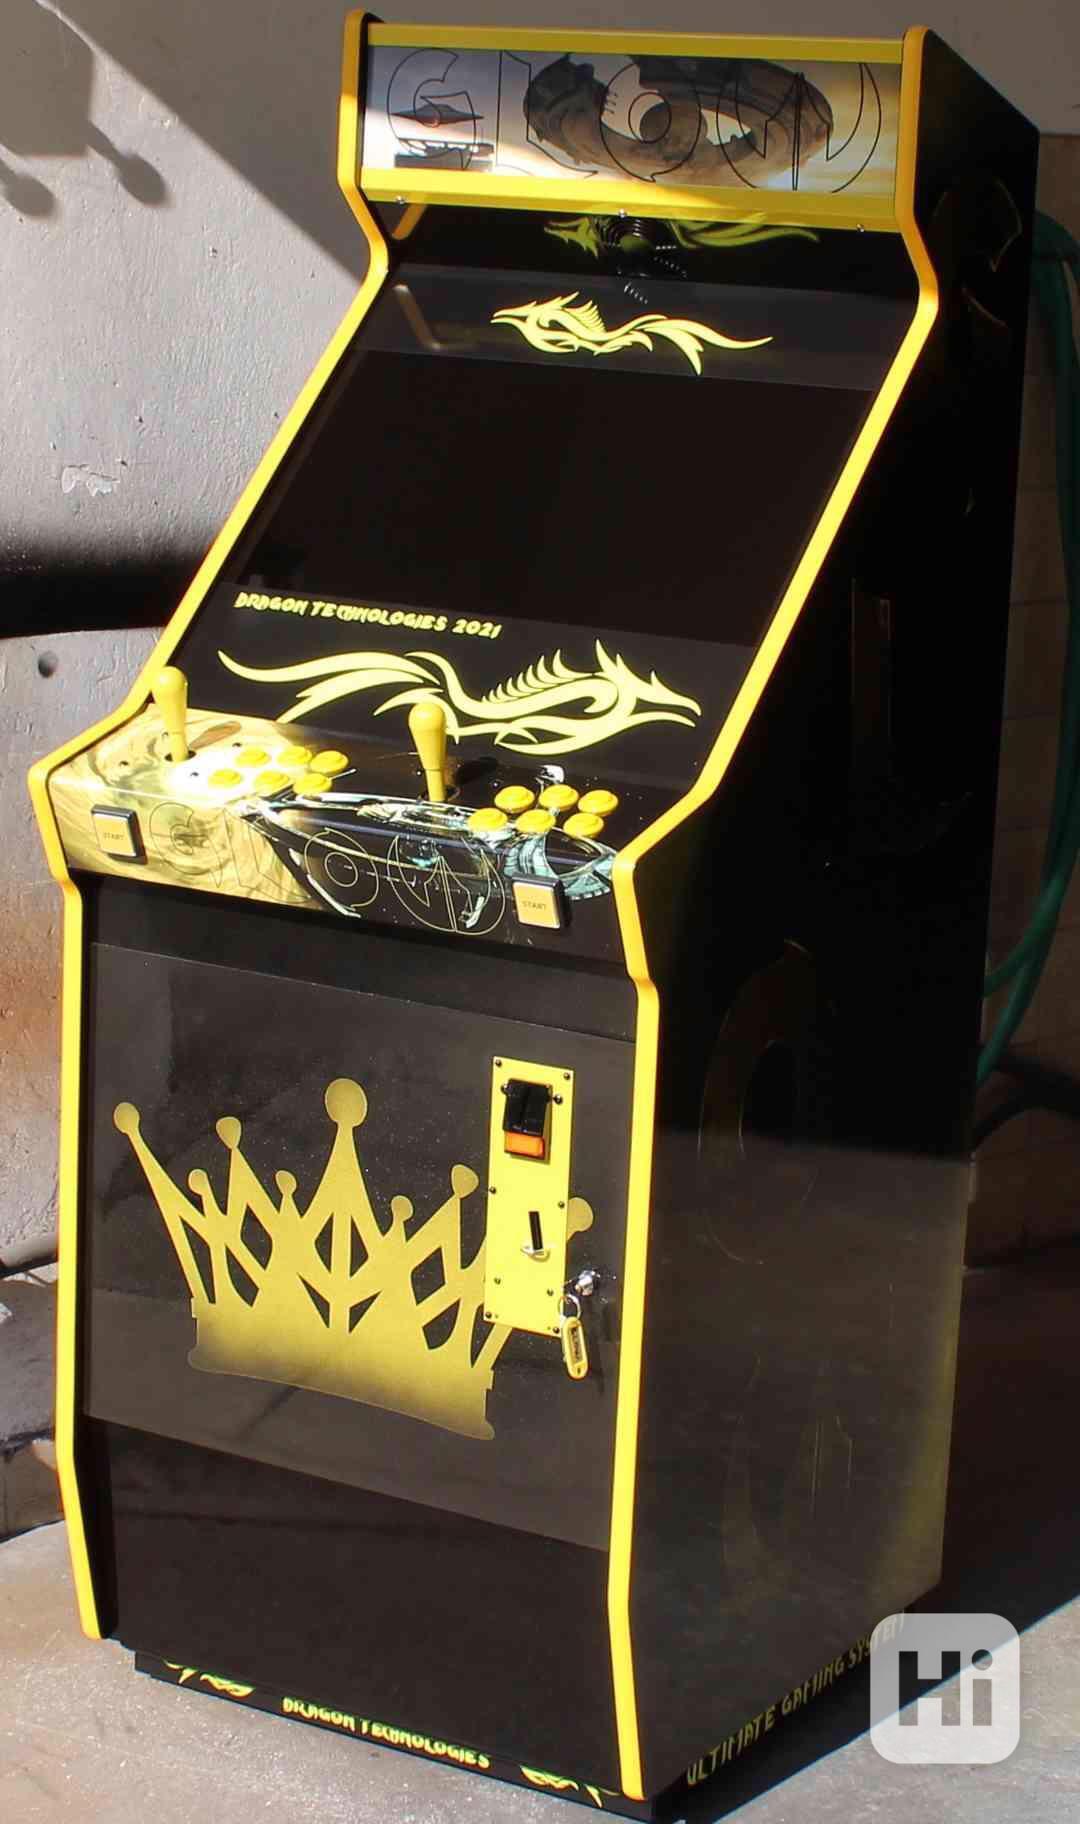 Zábavní herní hrací automat Gamex GLOW D.Tech 2021 - foto 1